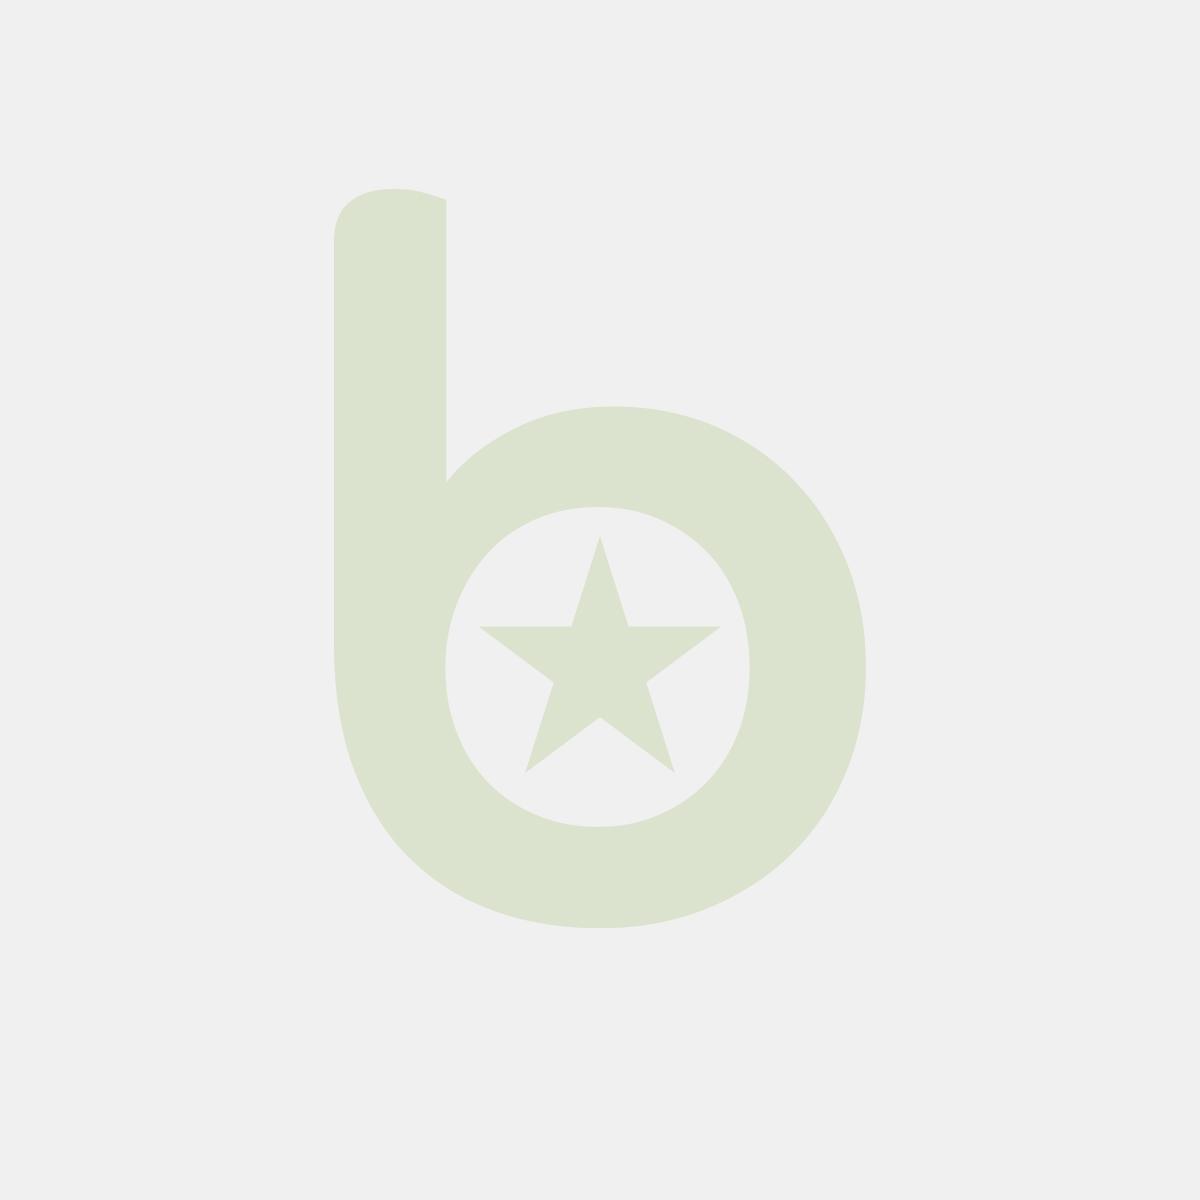 FINGERFOOD - talerz z trzciny cukrowej, kwadratowy 11,3x11,3cm biały op. 50 sztuk